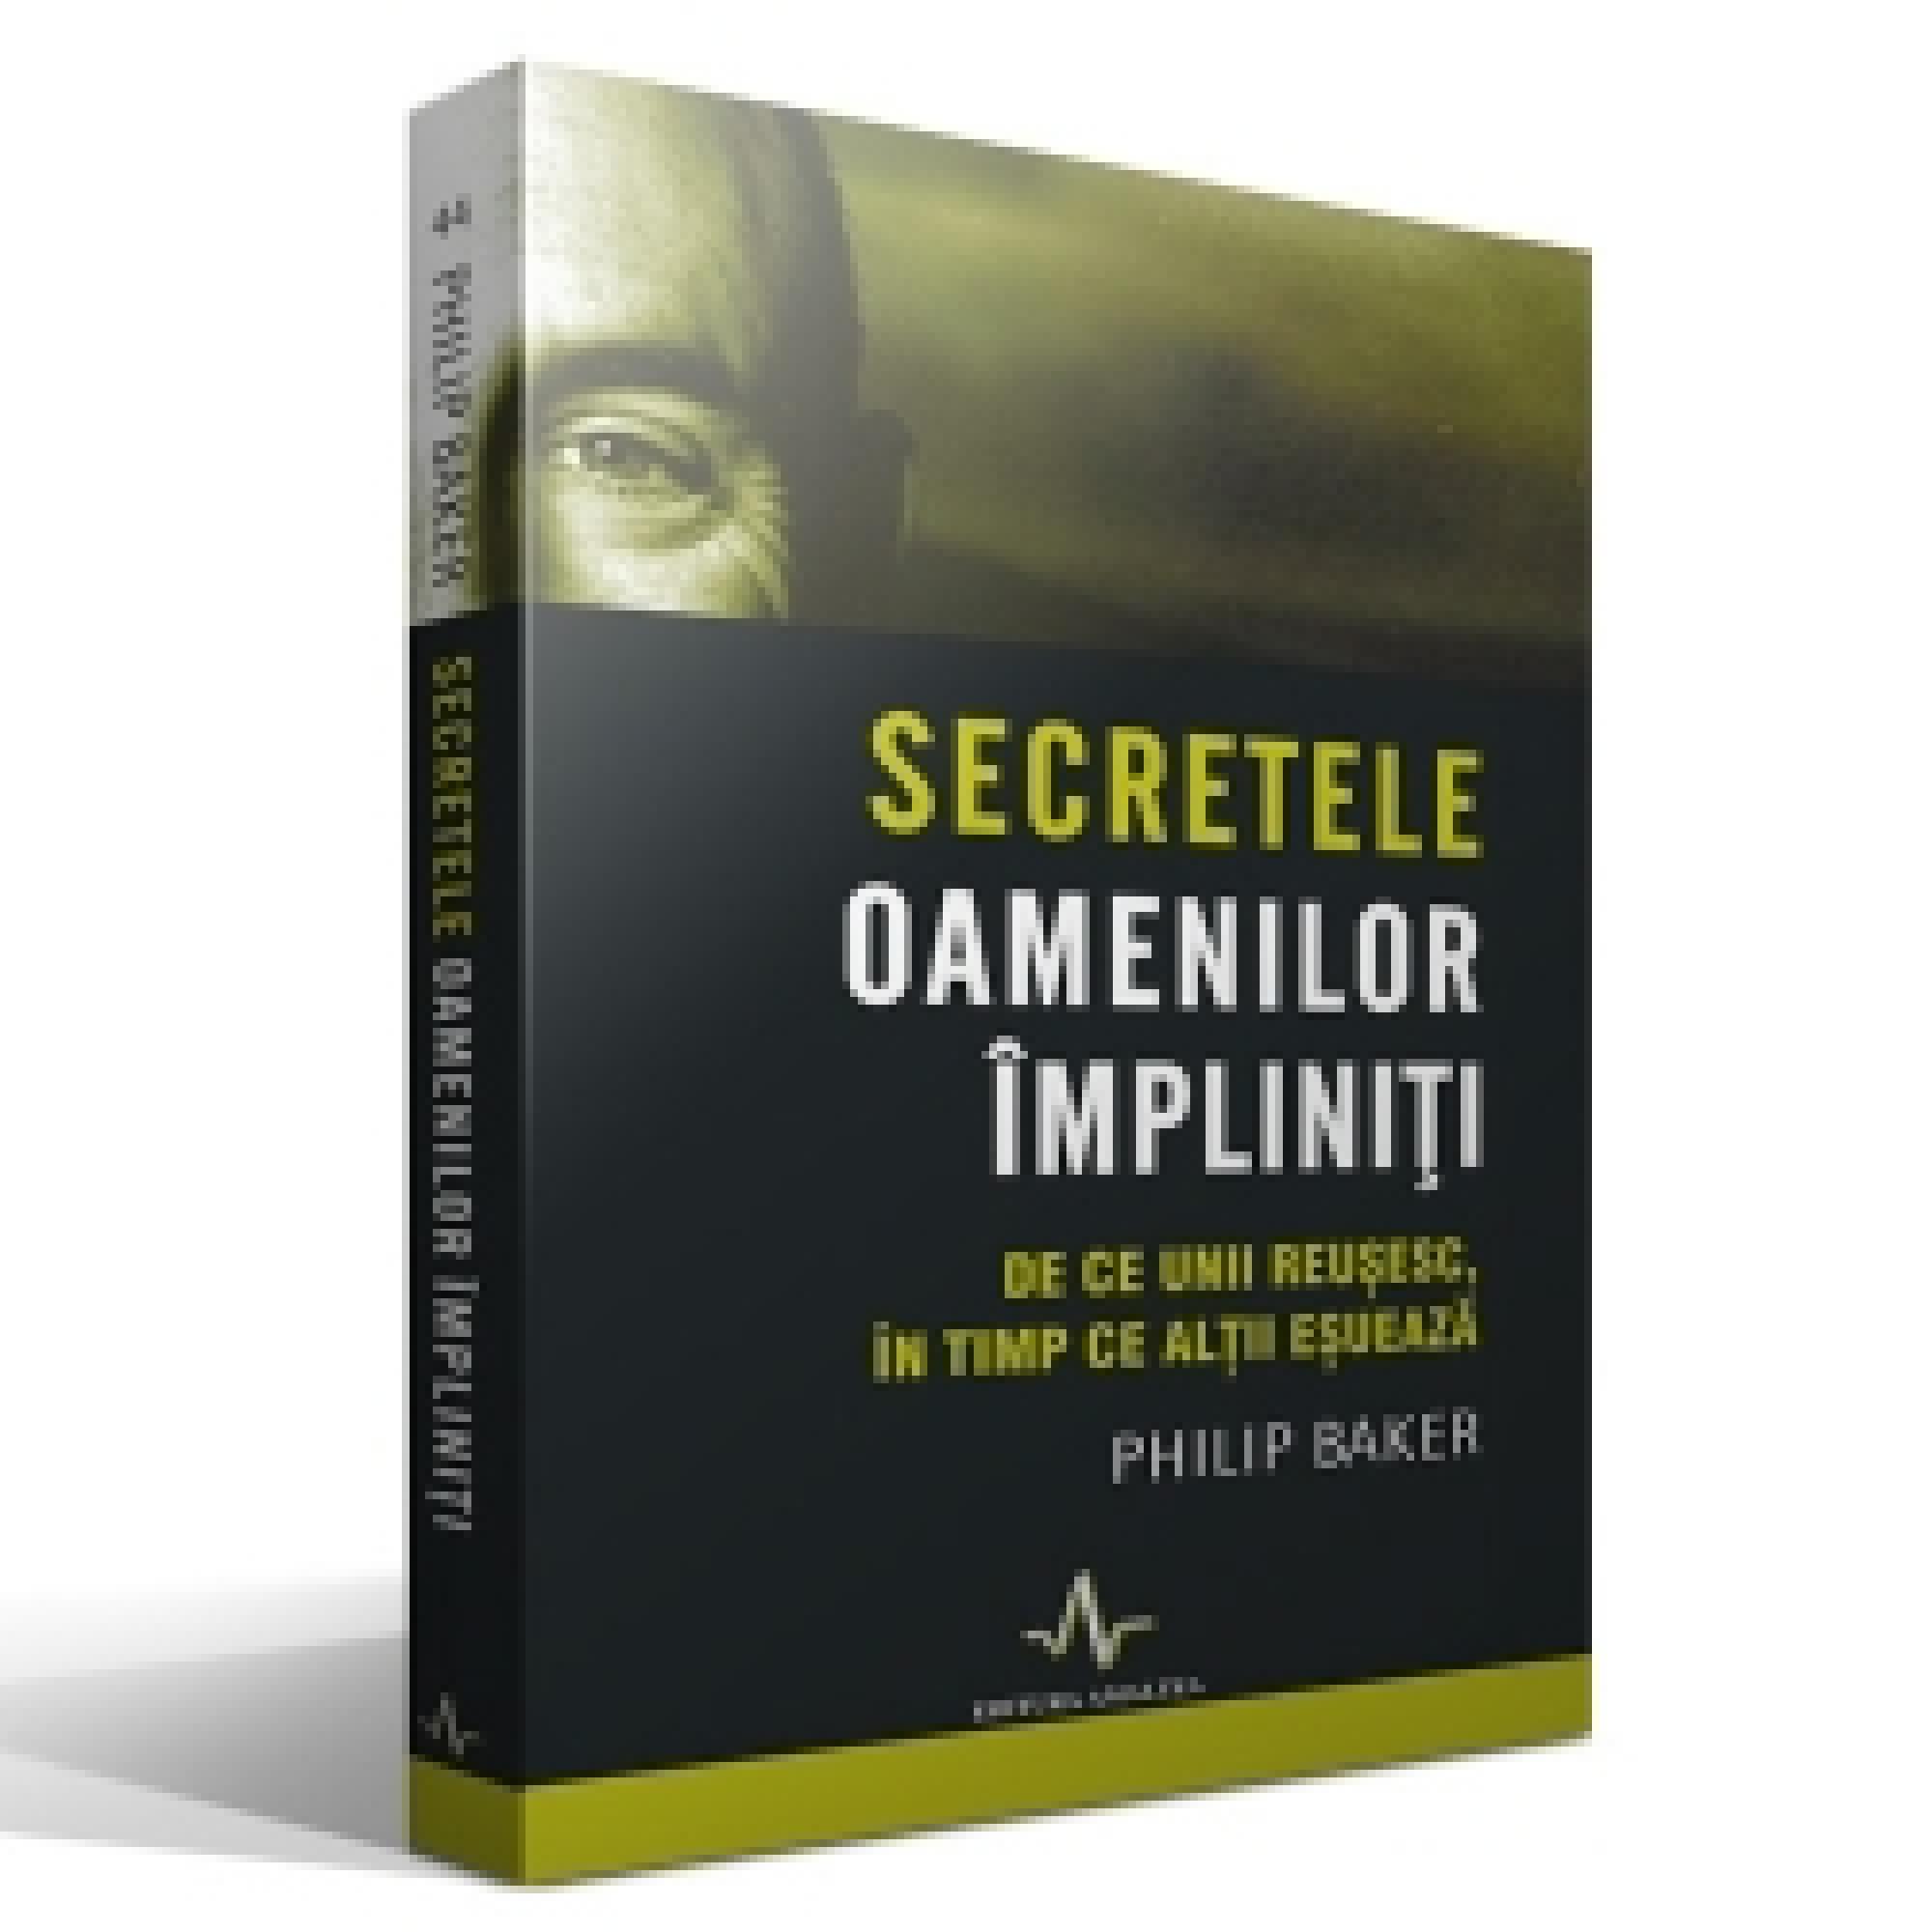 Secretele oamenilor împliniți